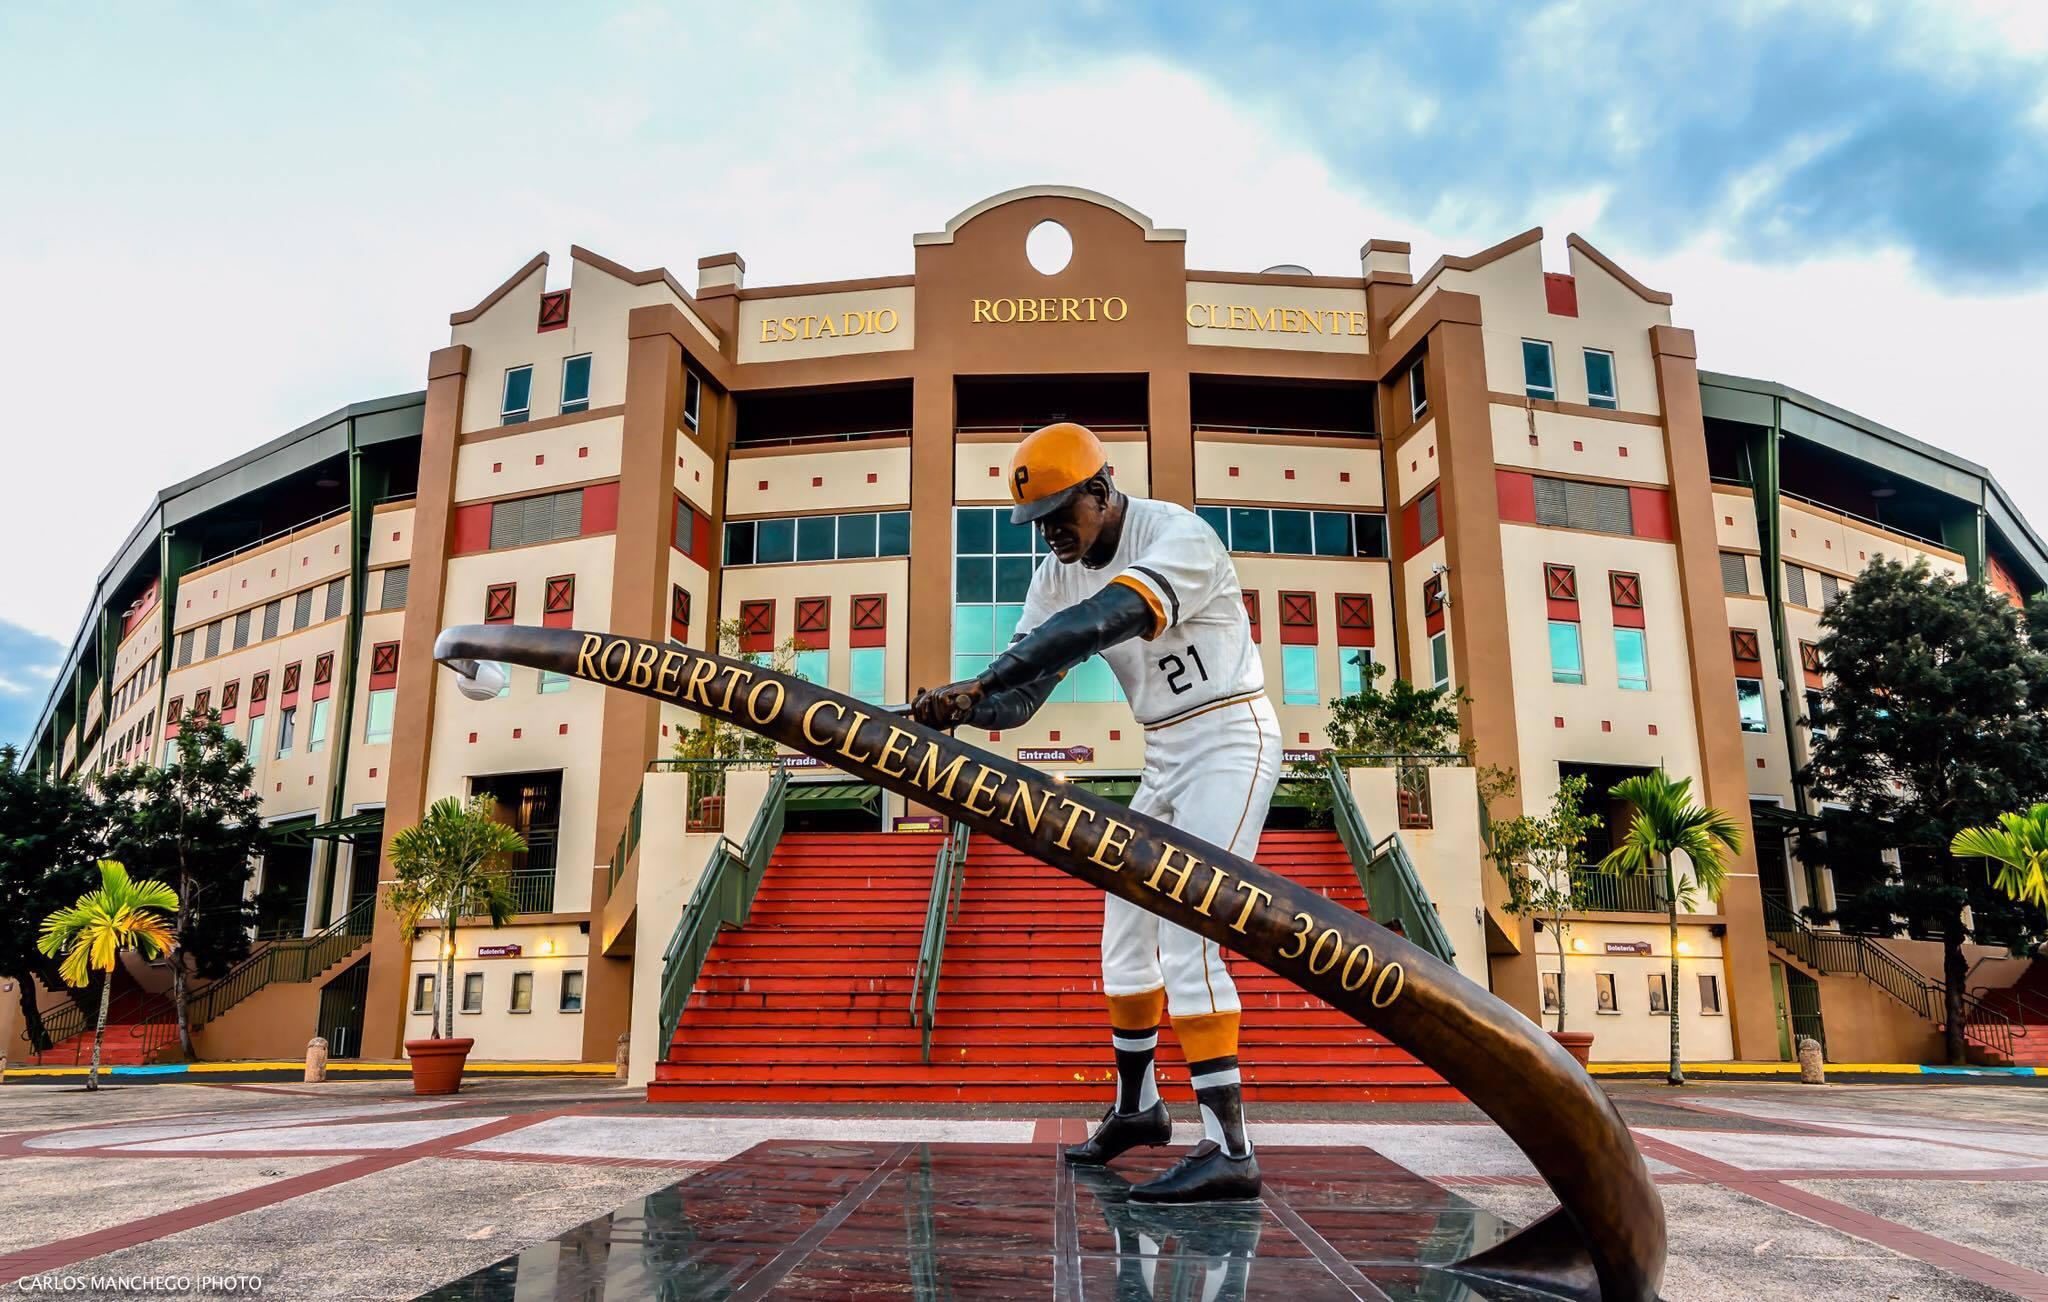 Estatua de los 3,000 hits de Roberto Clemente en Carolina, Puerto Rico.